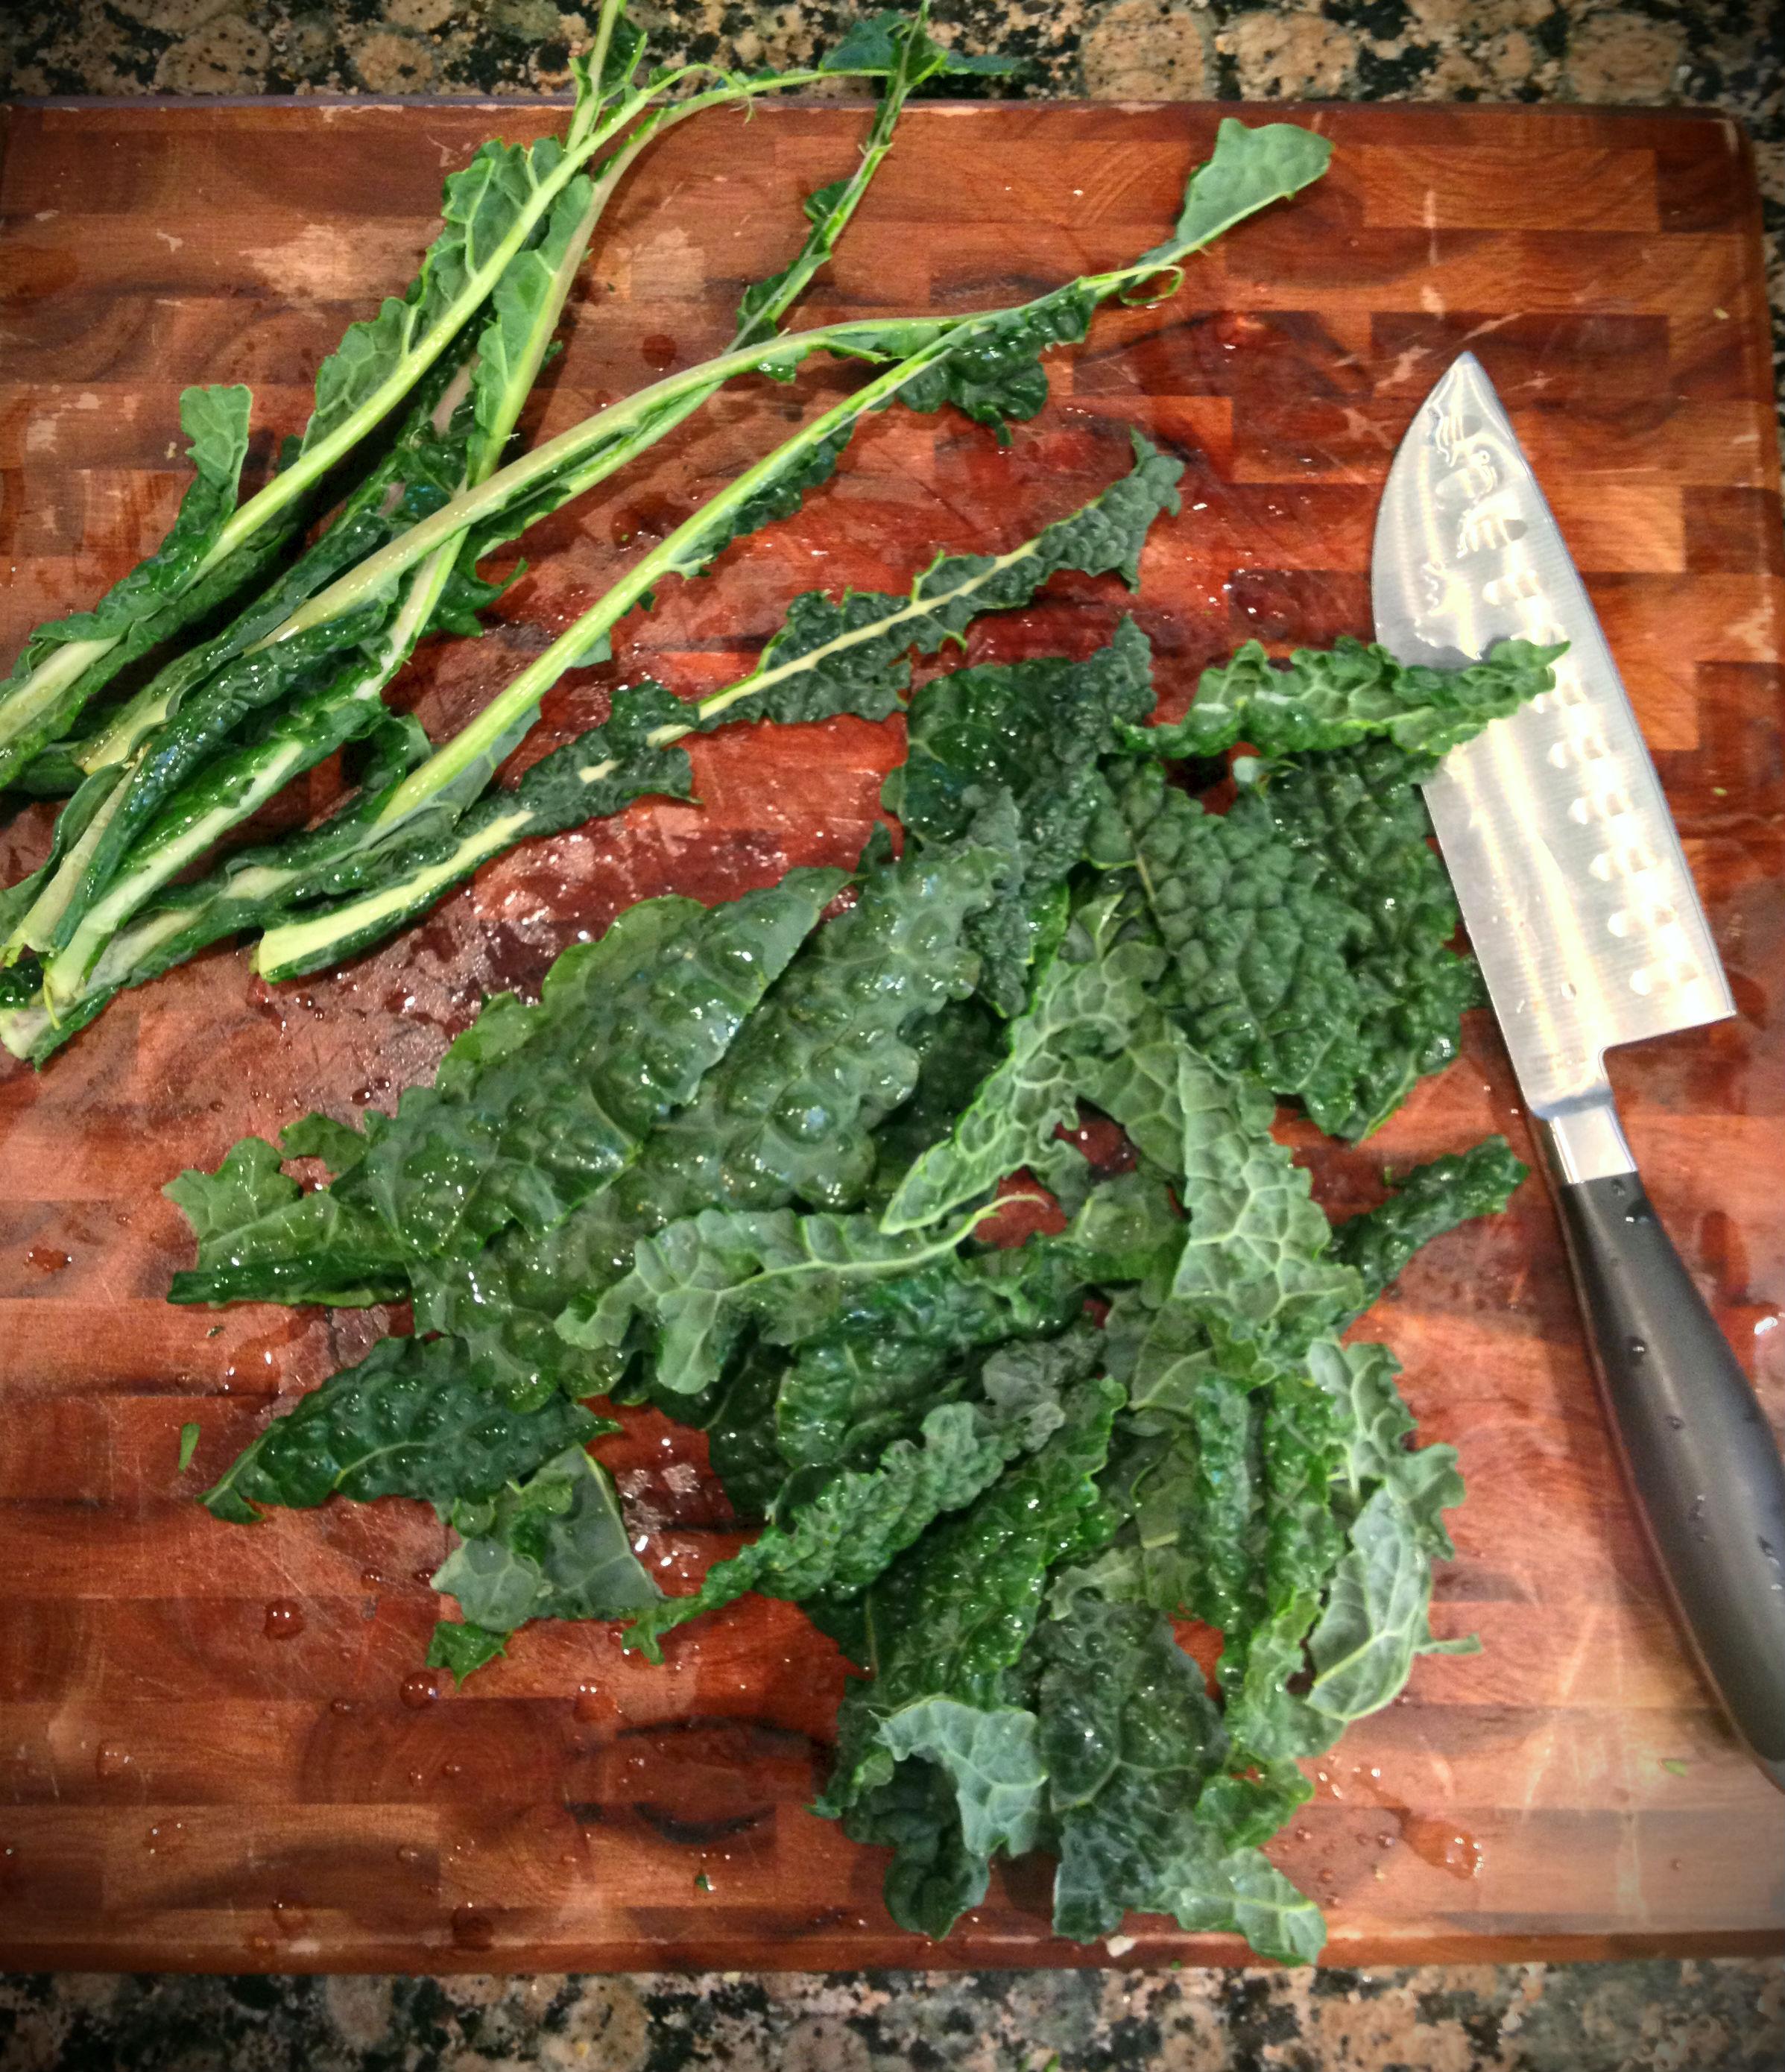 stripped kale